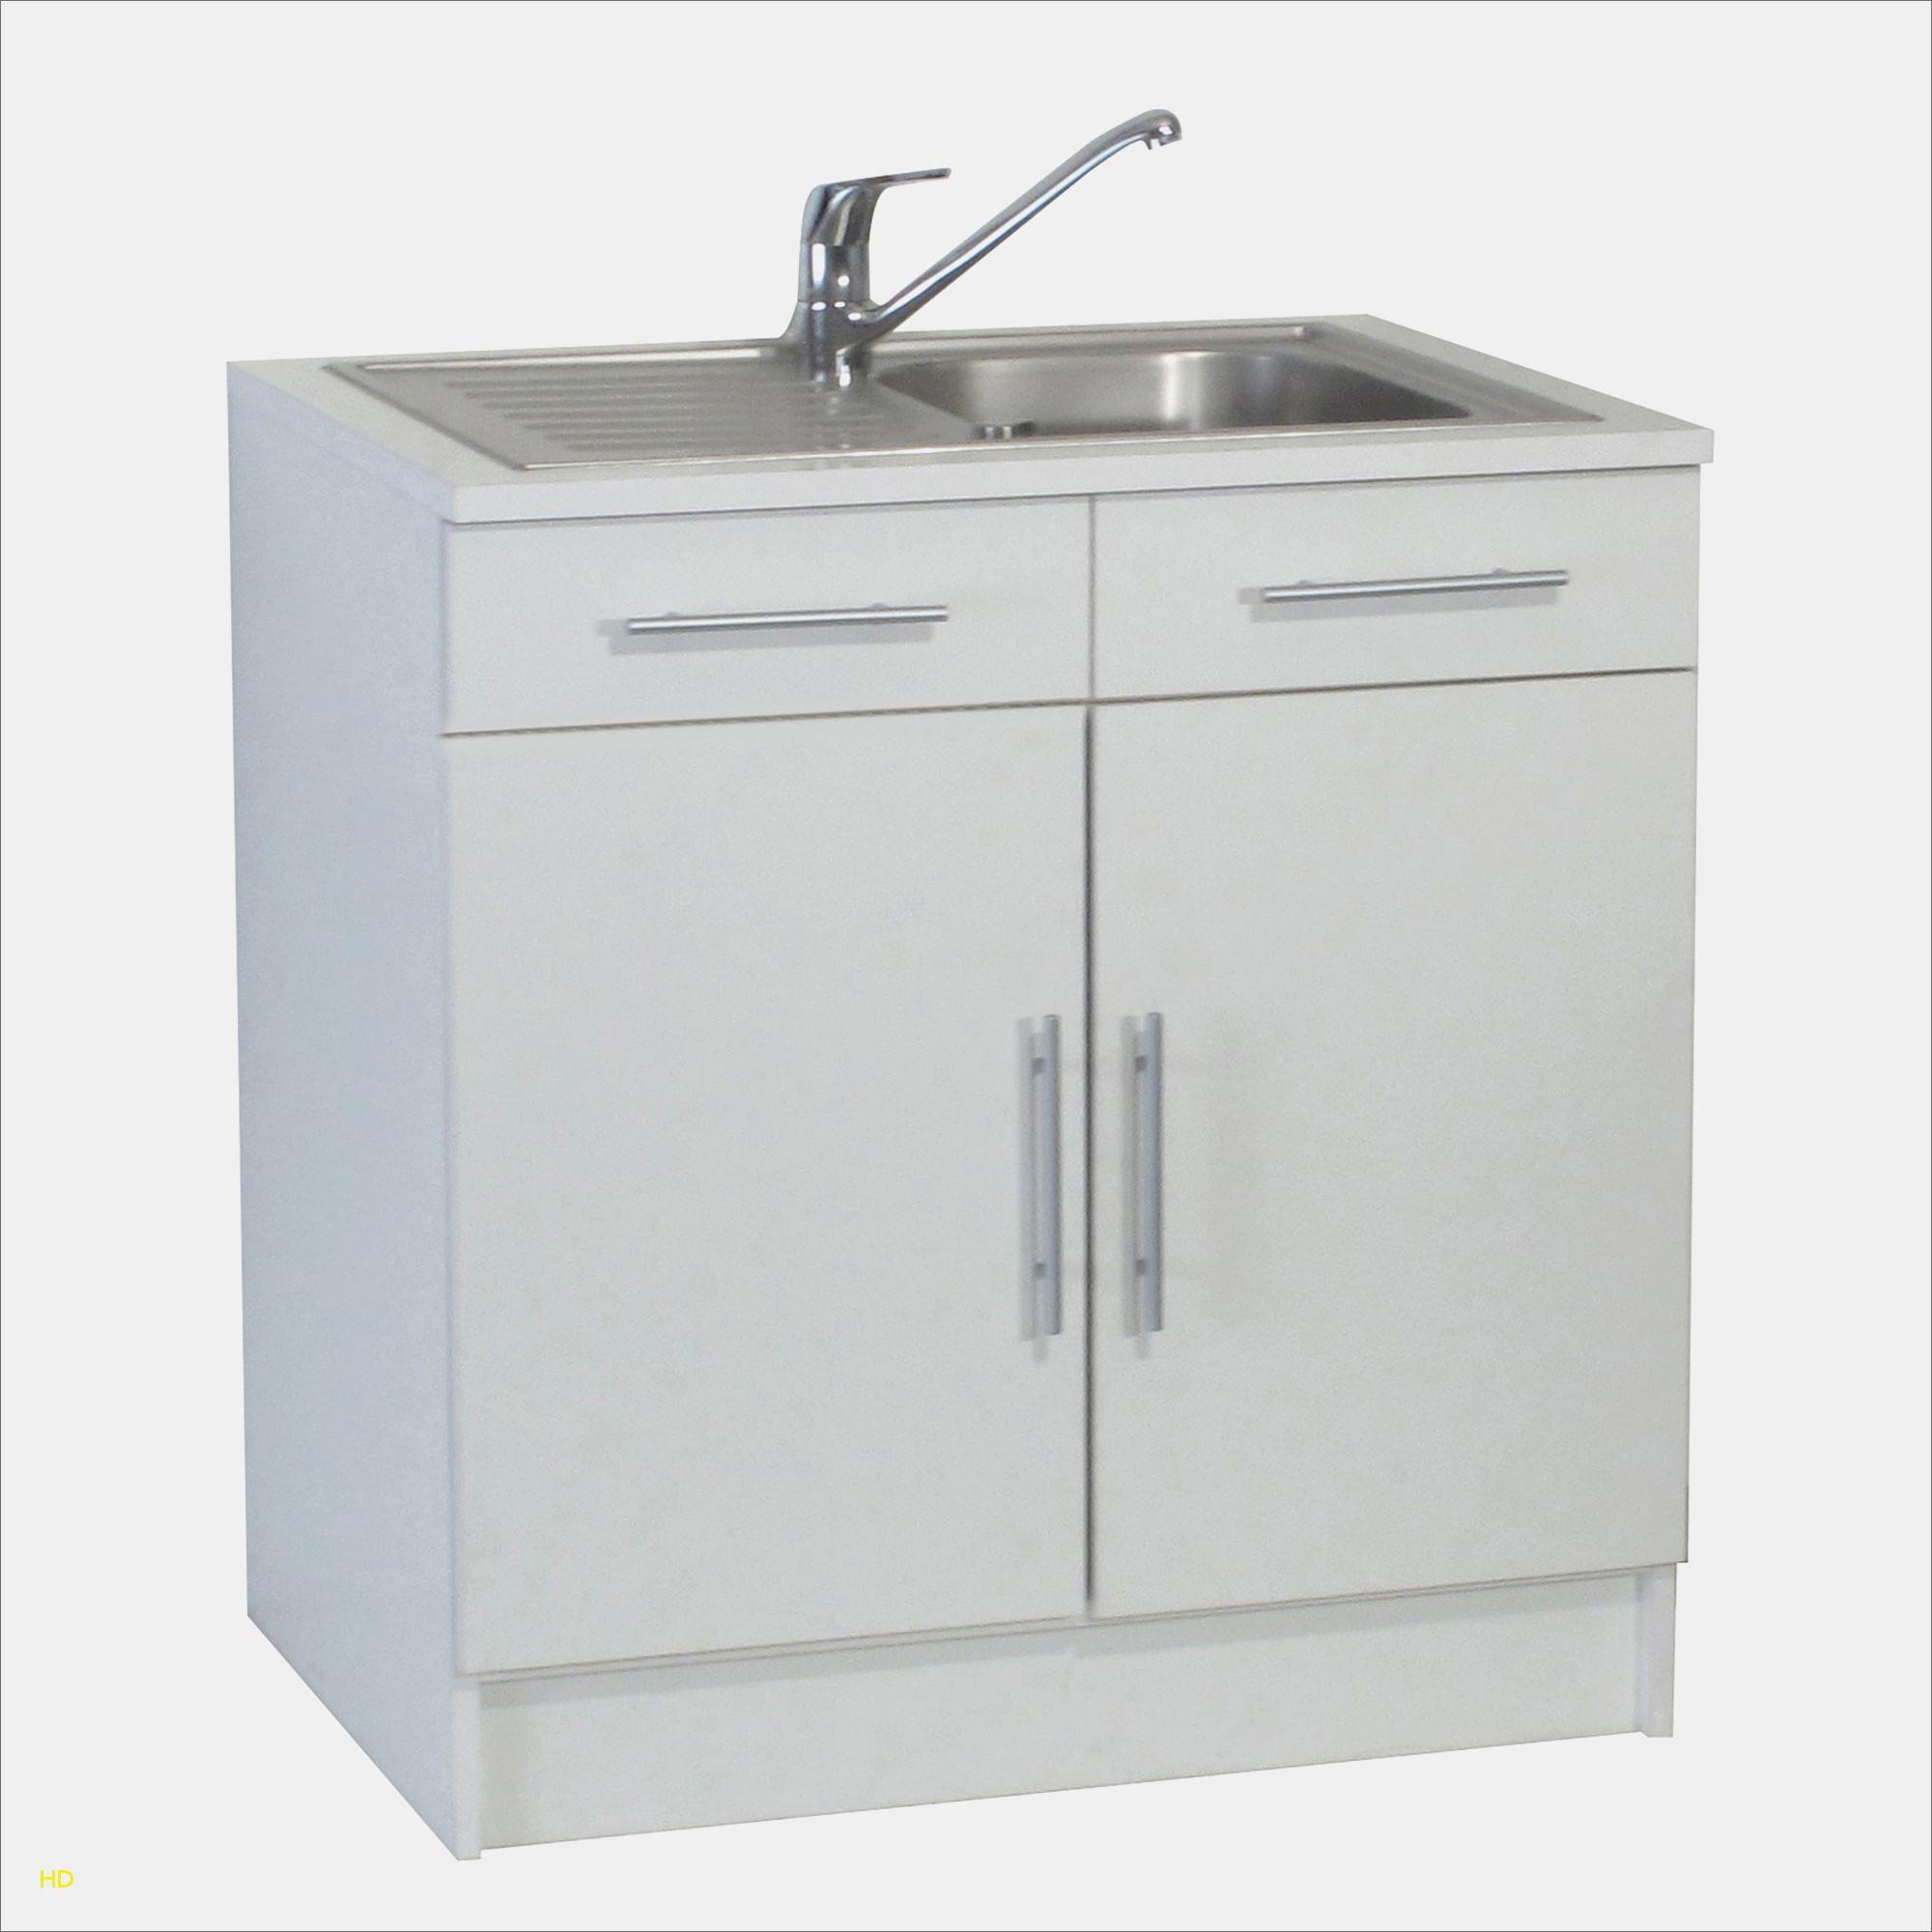 Meuble Sous Evier 90 Cm – Gamboahinestrosa destiné Meuble Sous Évier 100 Cm Ikea